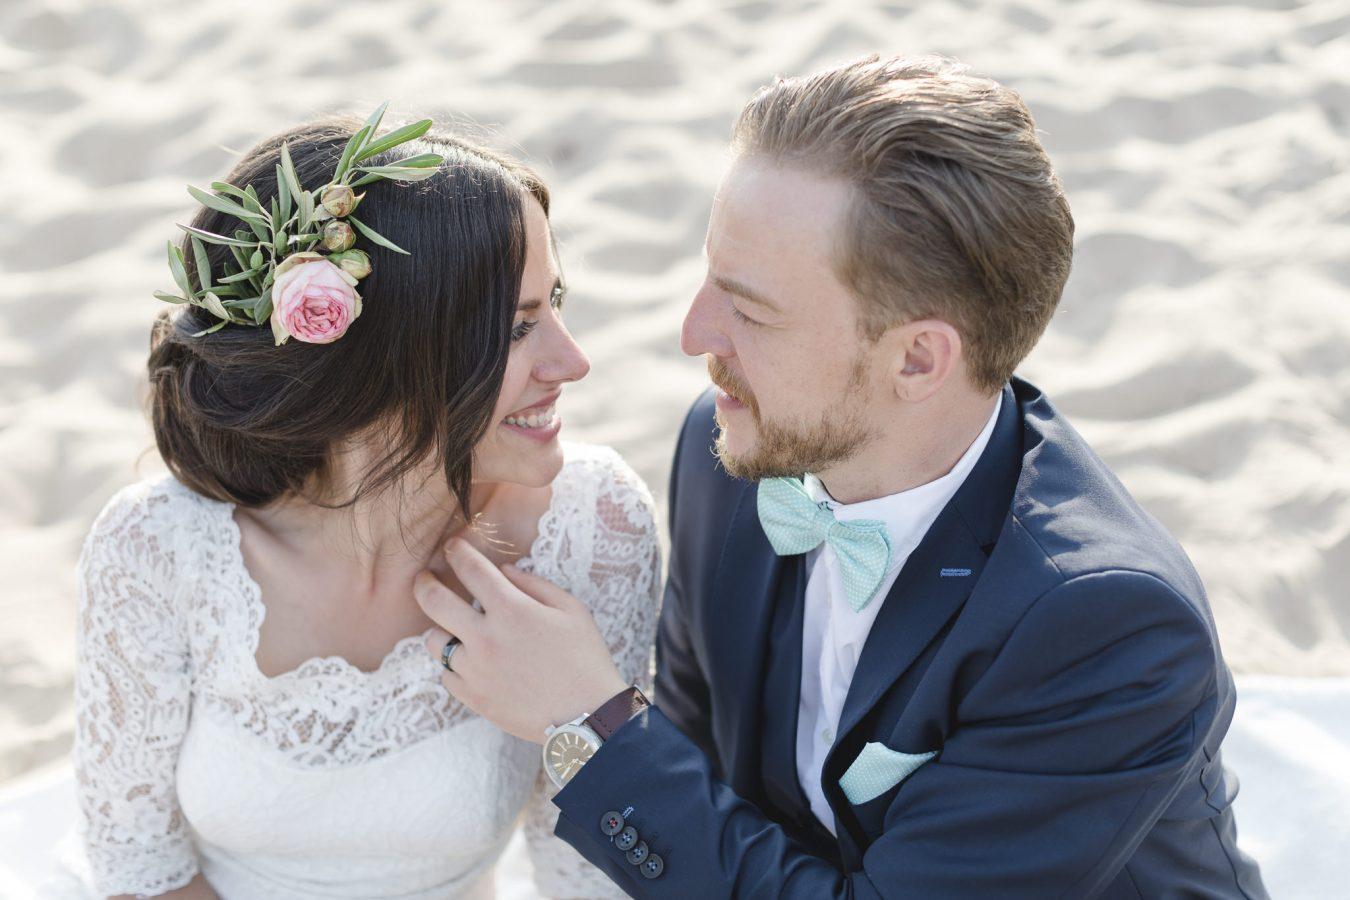 Hochzeitsfotograf Hamburg - Brautpaar sitzt im Sand und schaut sich ganz verliebt an